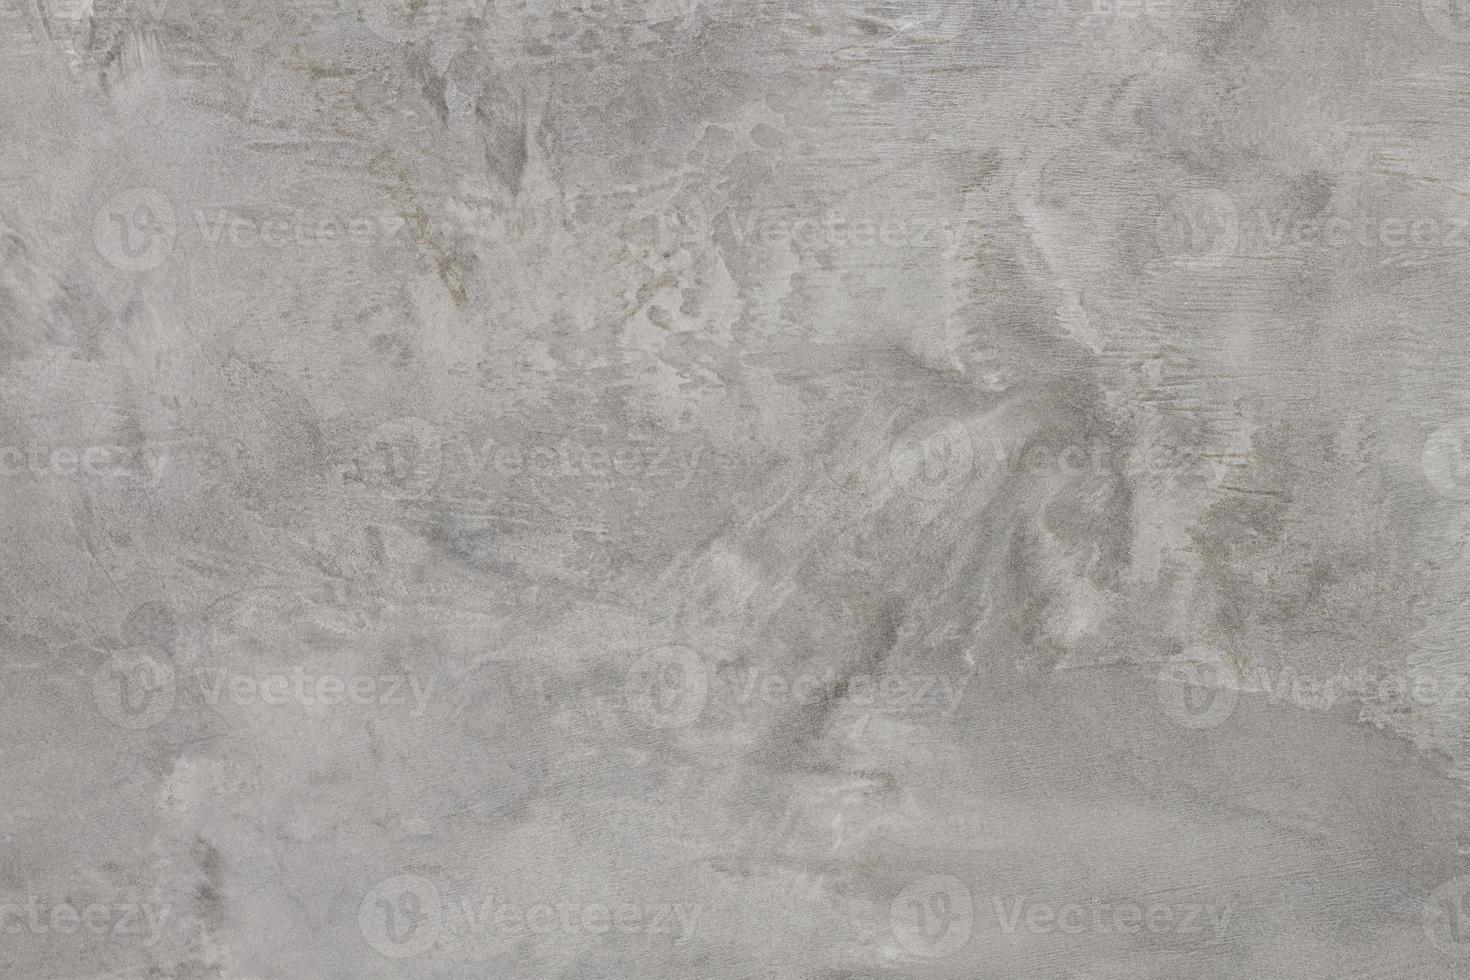 ontwerp op cement en beton voor patroon foto